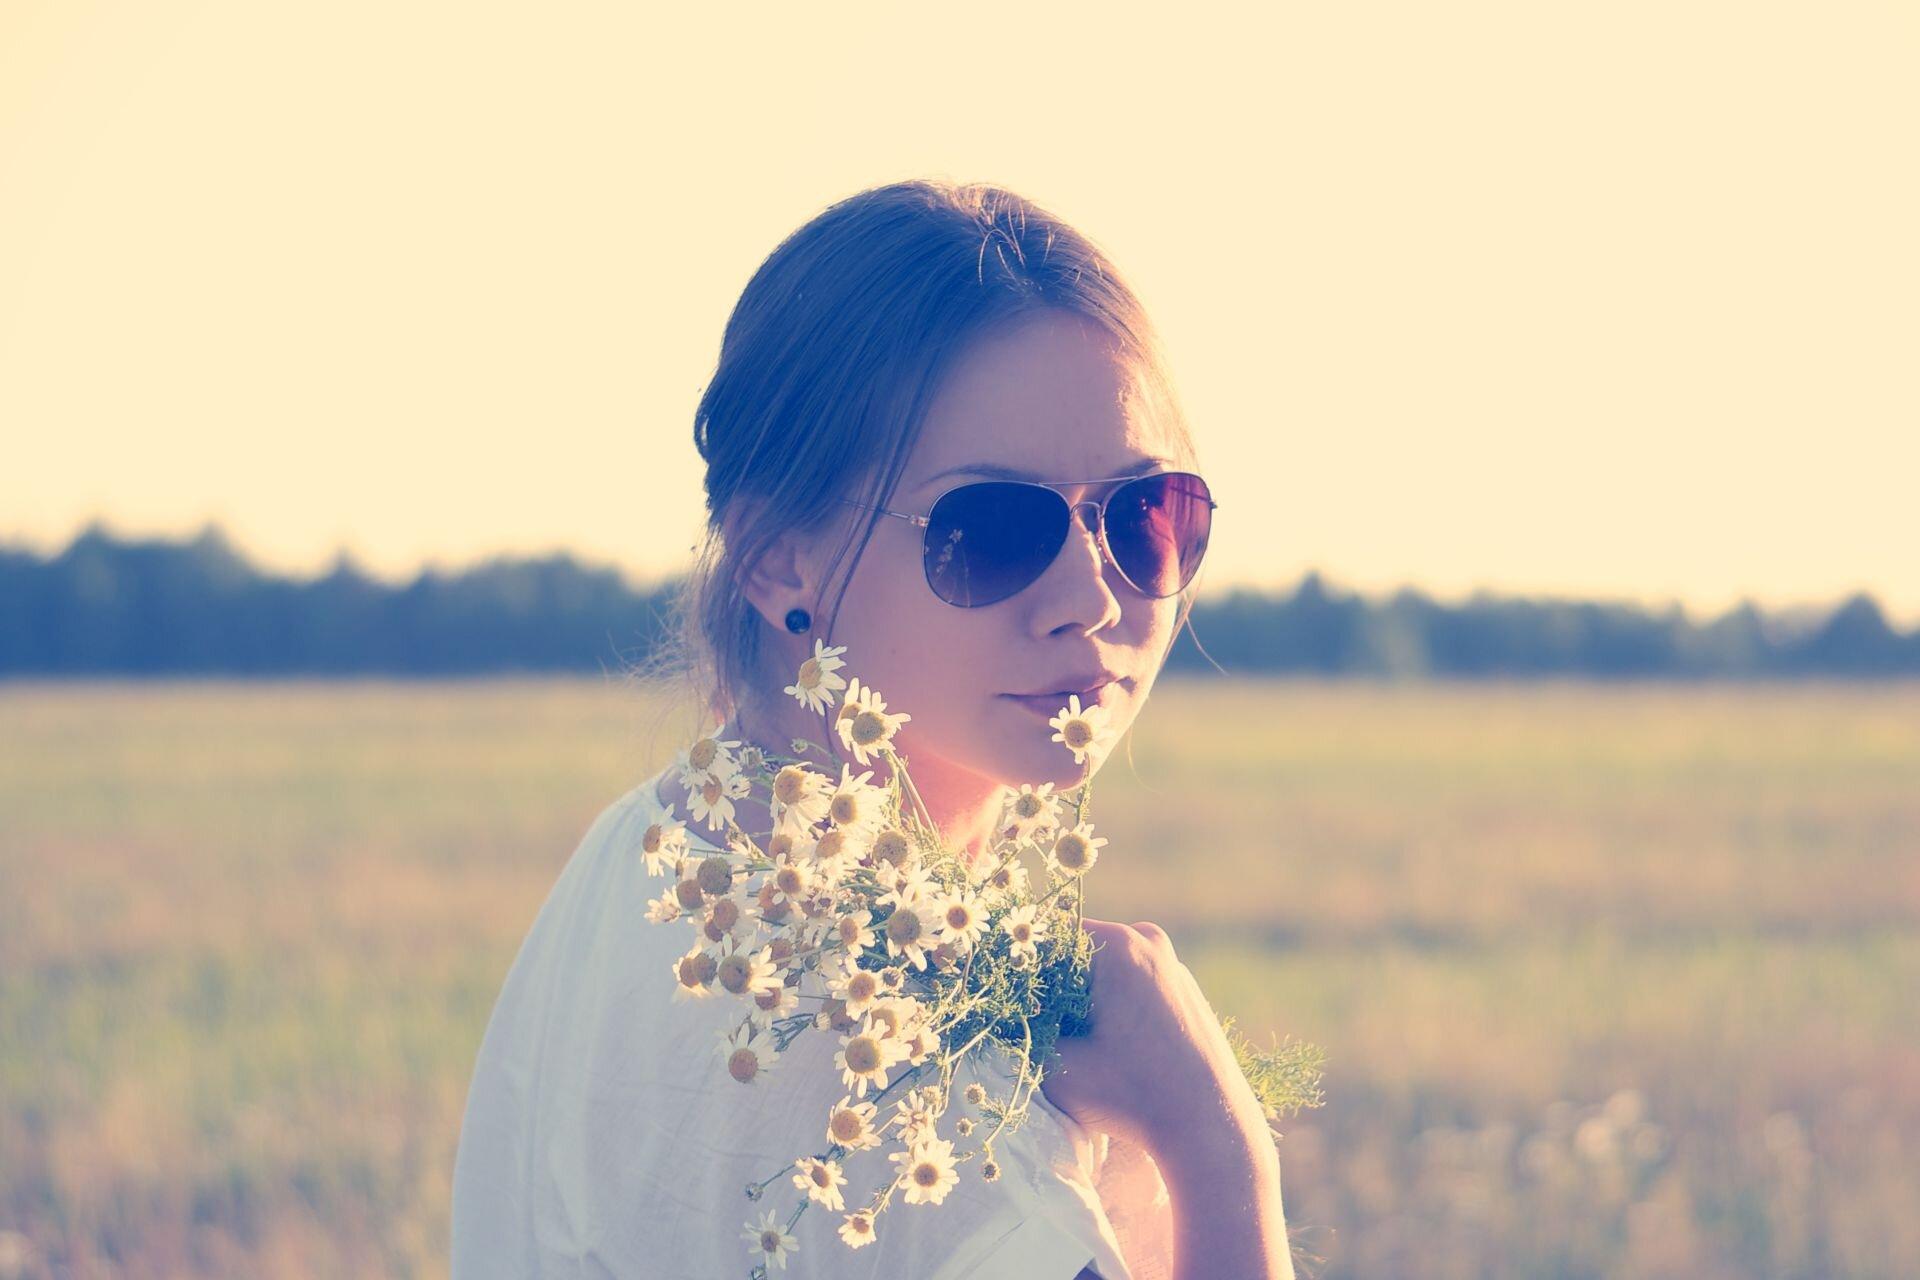 dziewczyna Źródło: licencja: CC 0.